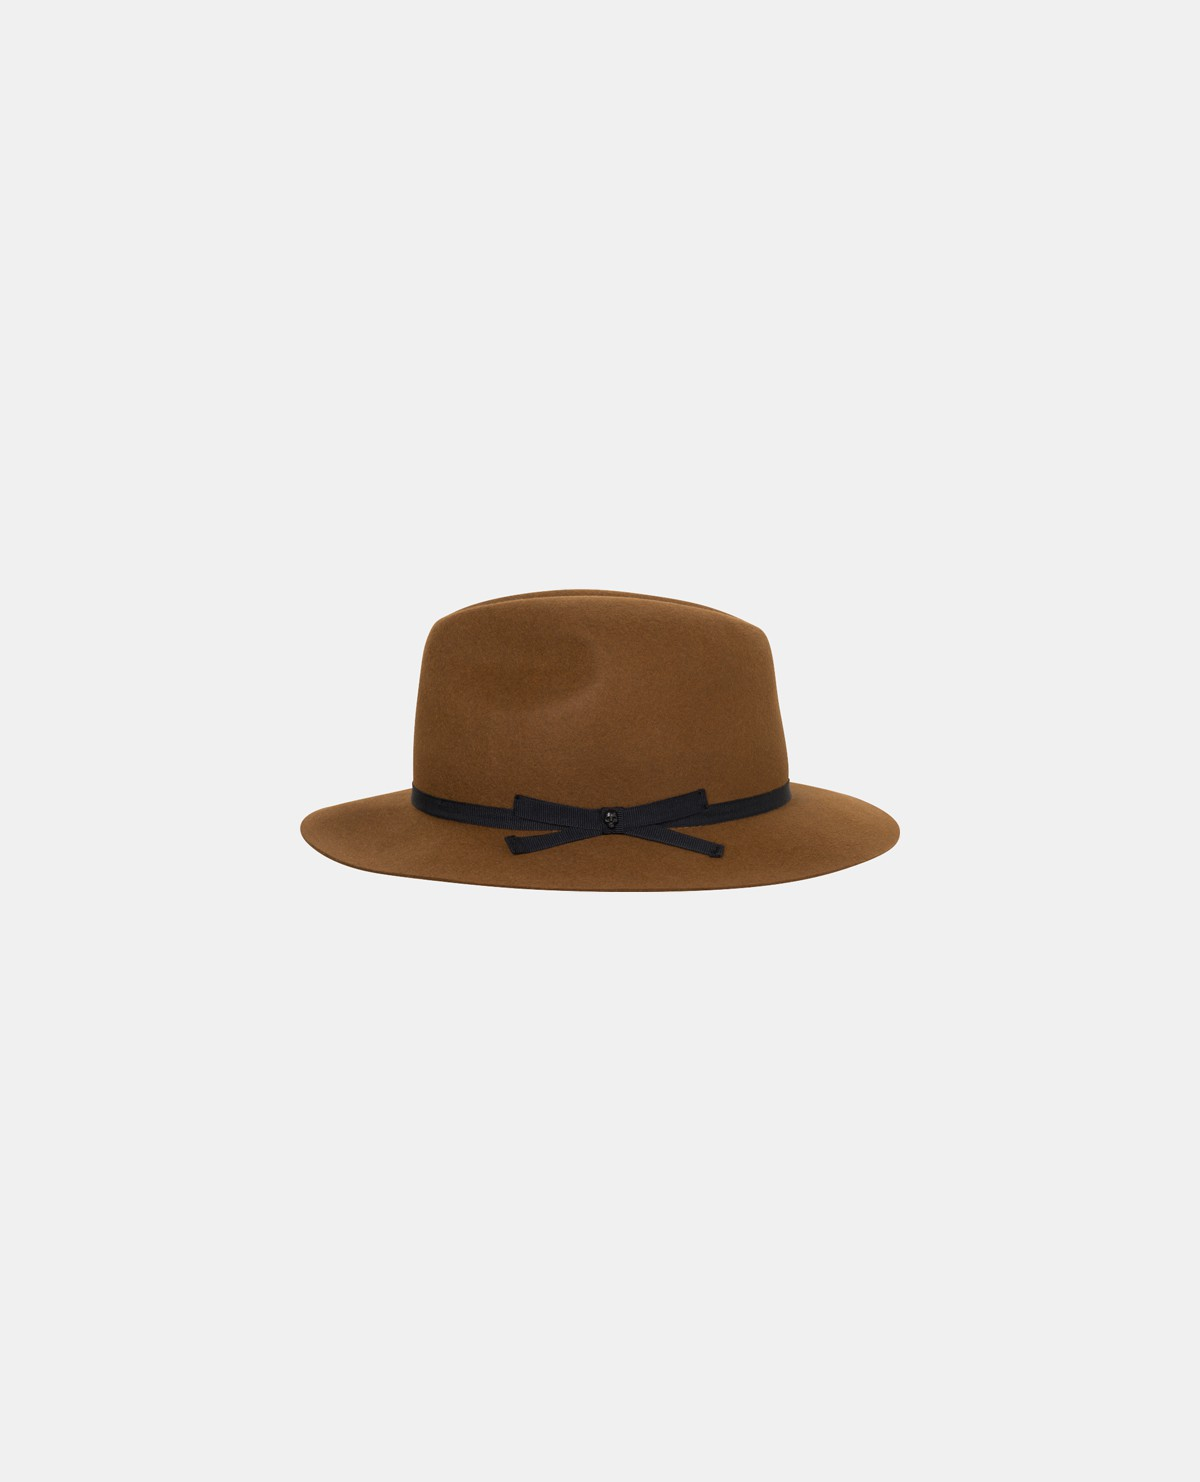 Chapeau Fédora - Accessoires - Ventes Privées Homme - The Kooples